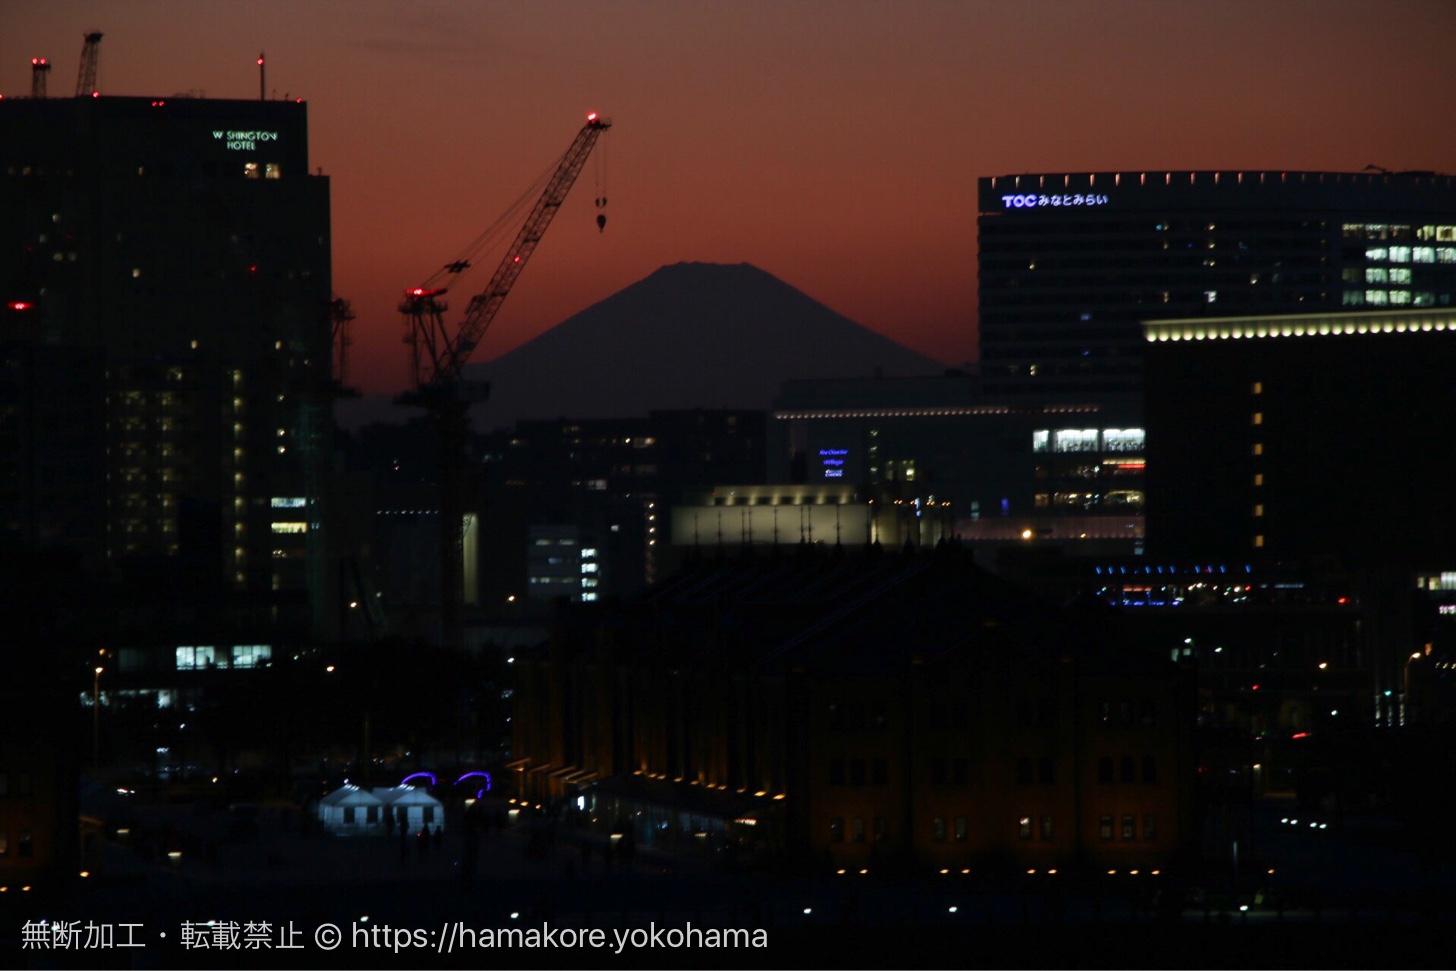 富士山とみなとみらいのビル群